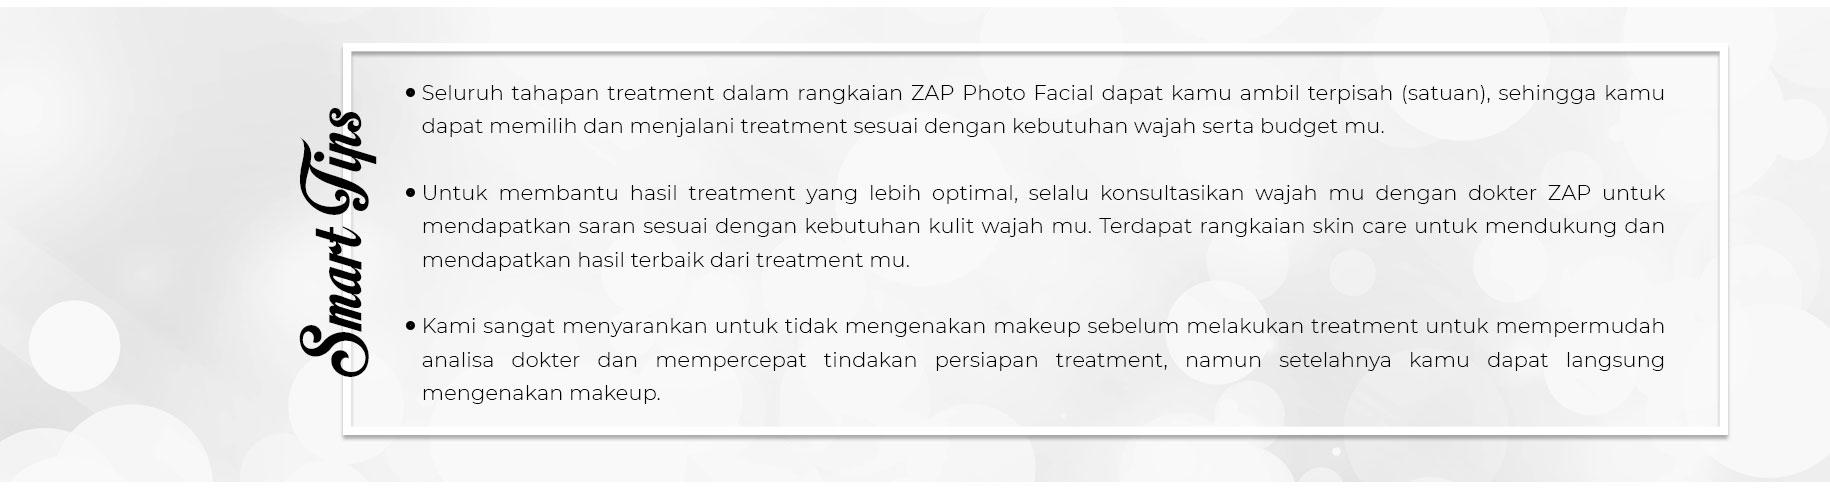 Tips Photo Facial